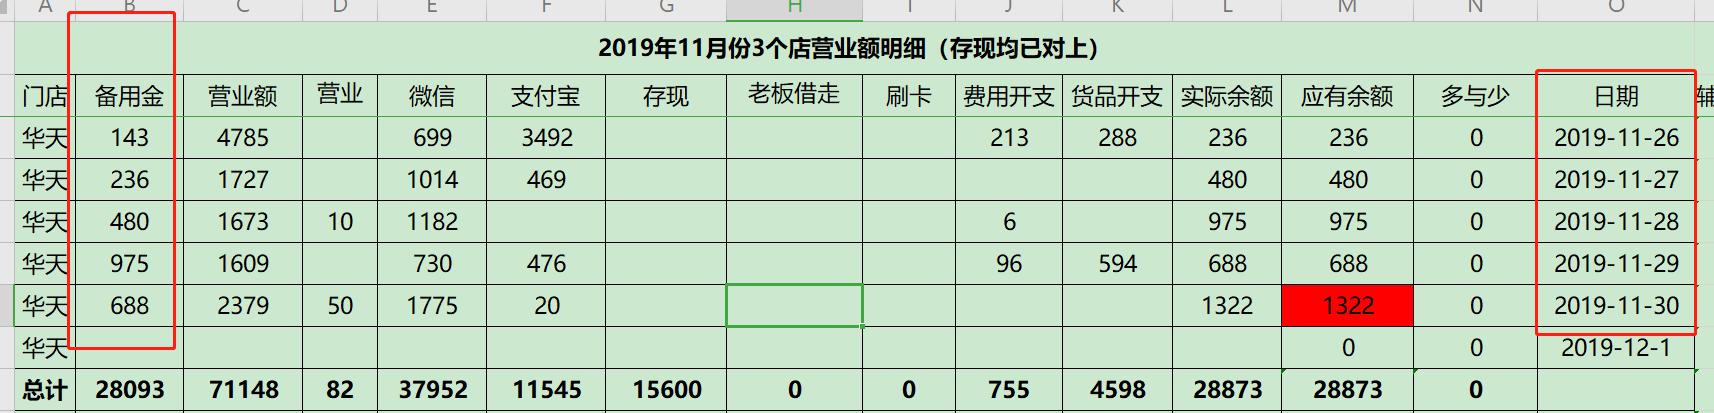 拿26-30的你看下  11月1日  备用金是542,11月30日备用金是1322,=780,我用了其他应收款备用金代替了,但是这个780我并没有收到。  是不是就是当月营业额产生的现金数的意思